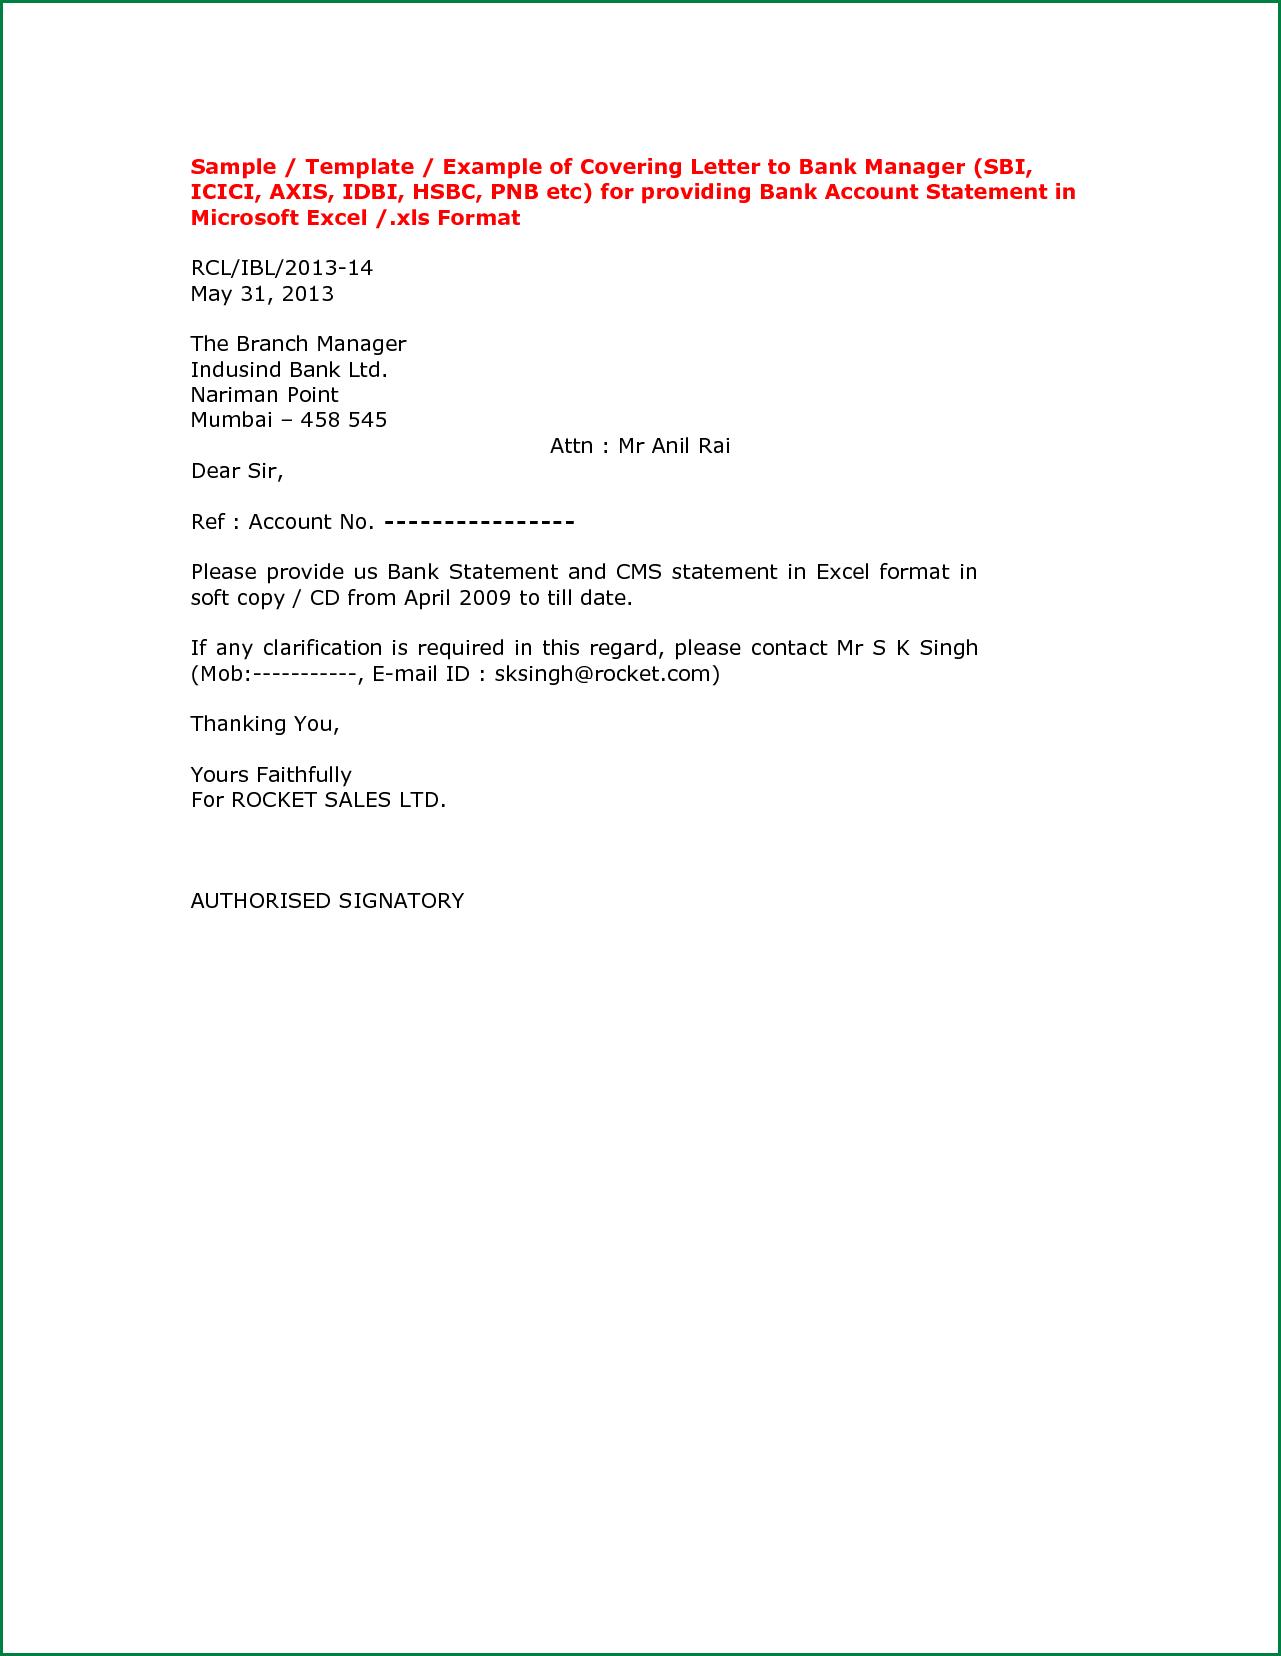 Application for bank statement format applicationsformatfo job application for bank statement format applicationsformatfo loan letter manager template spiritdancerdesigns Images